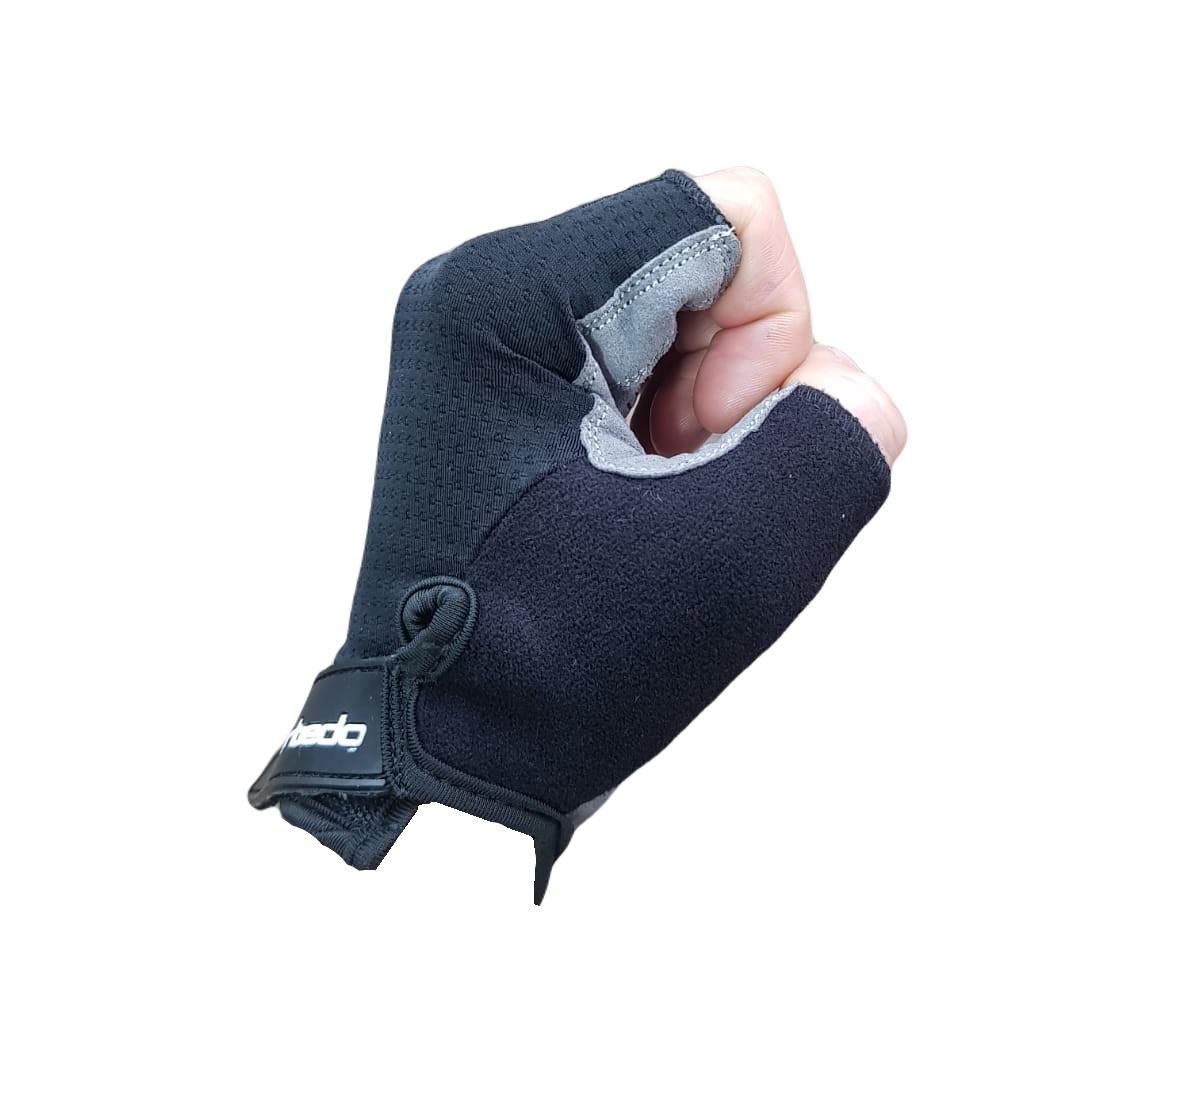 Luva Ciclismo Ciclista Barbedo Sport Pro Grip com Proteção Gel